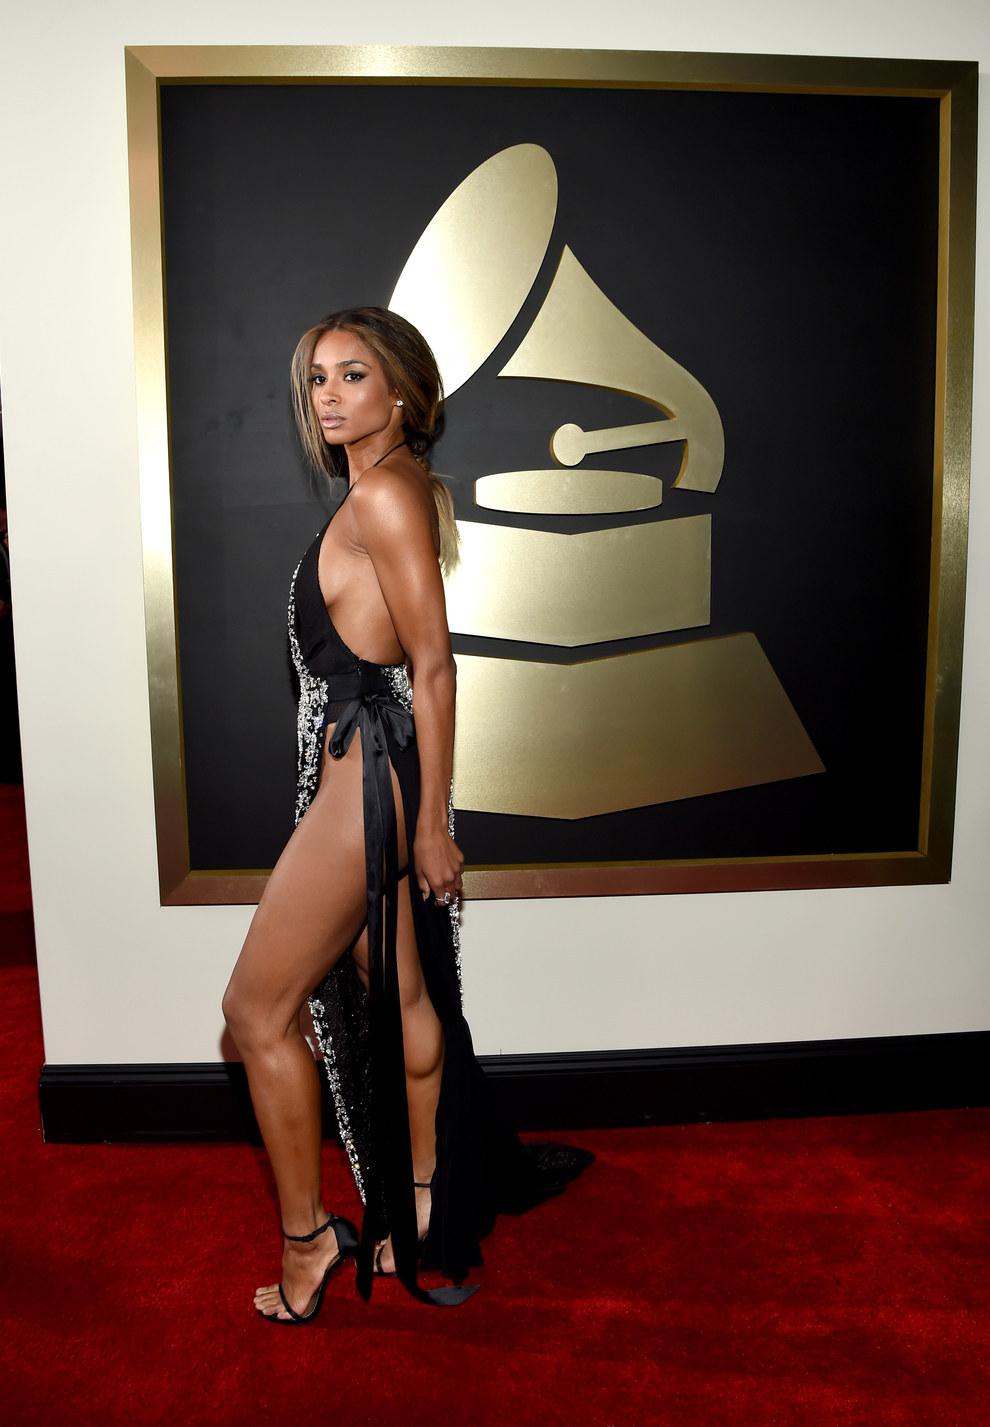 Ciara, sí hace calor en los premios pero tampoco es para ir desnuda.